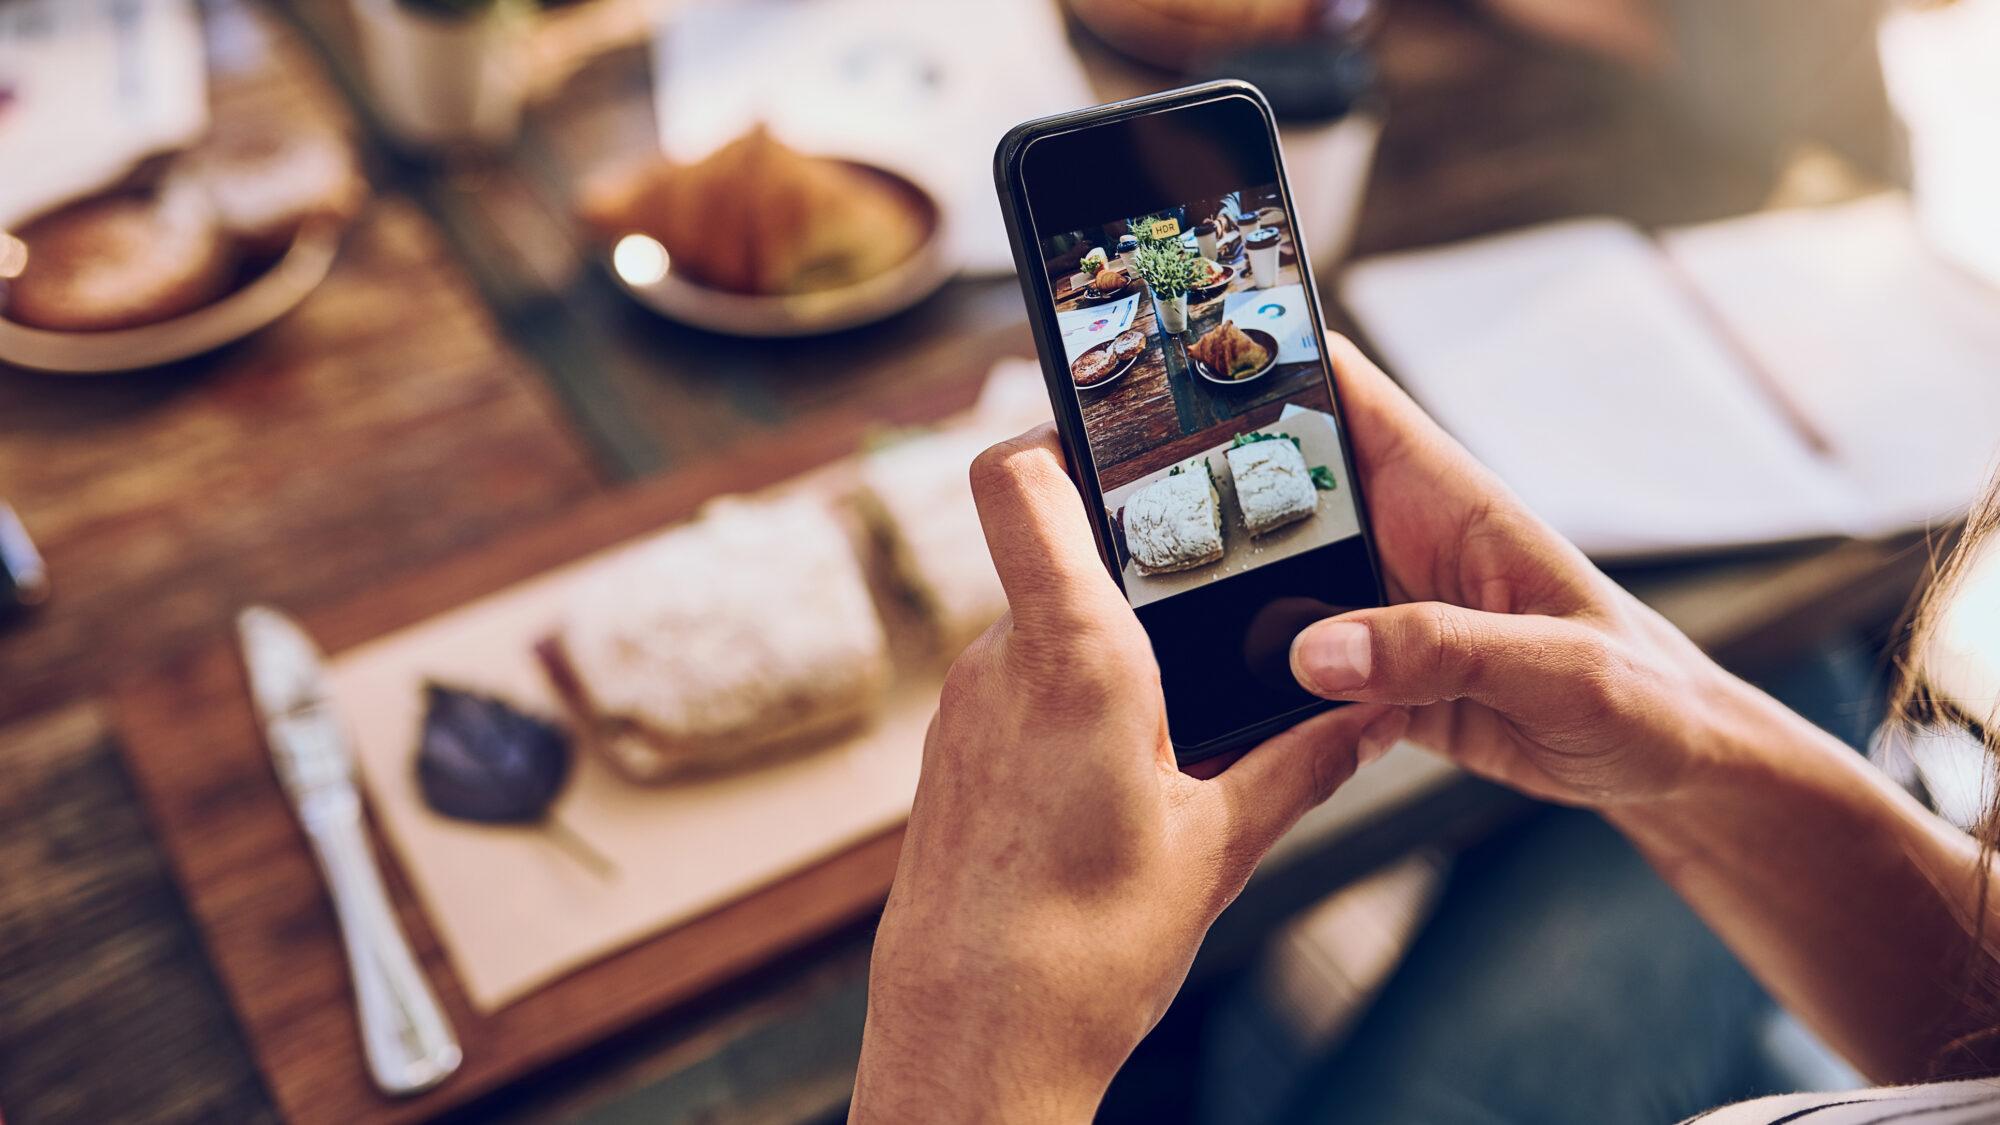 Vidas digitais: os ecrãs tomaram conta dos dias e isso tem consequências na visão